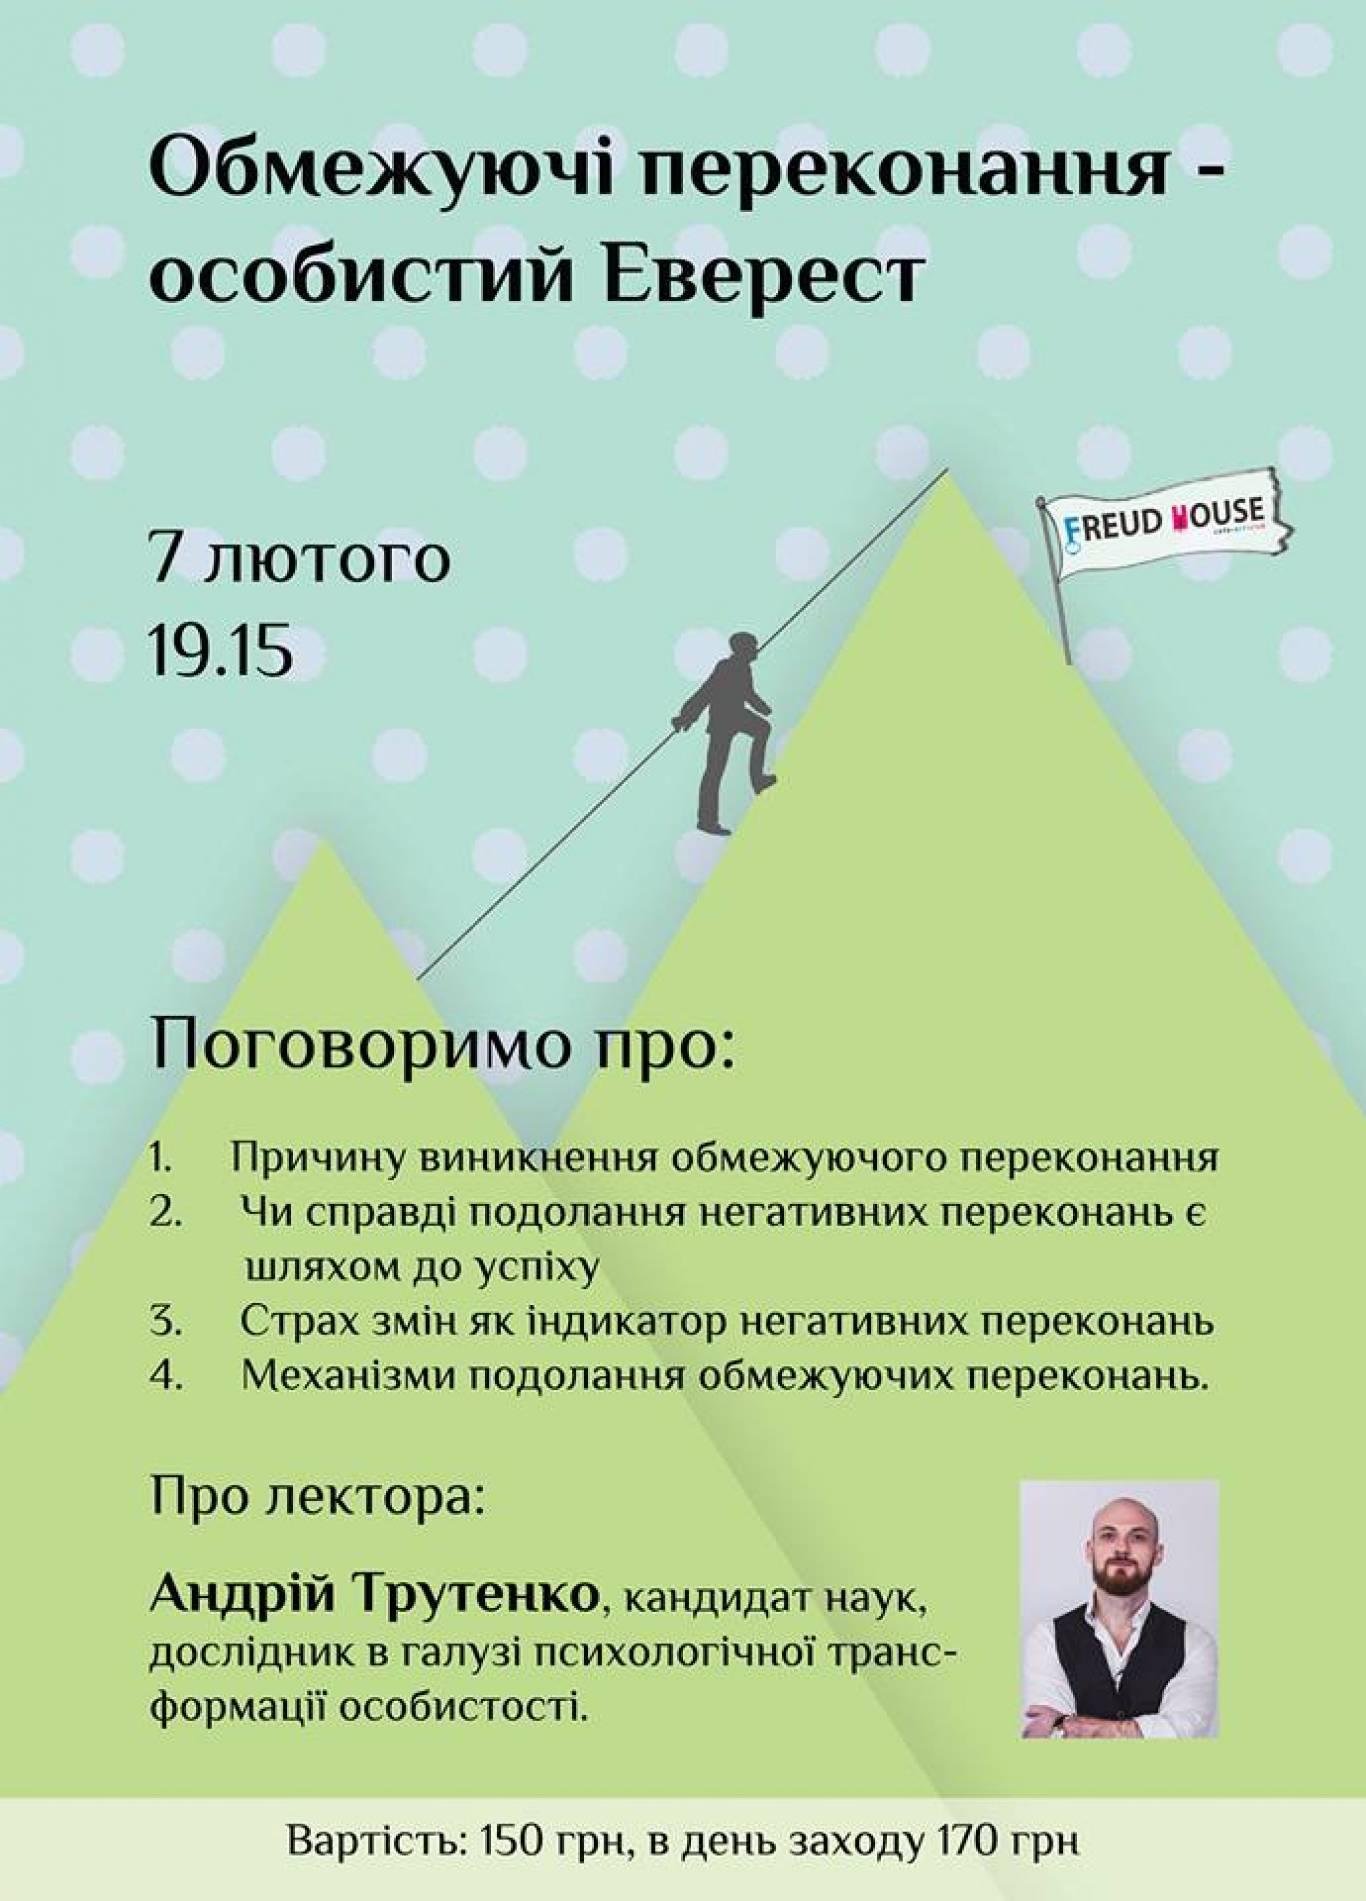 Обмежуючі переконання - особистий Еверест